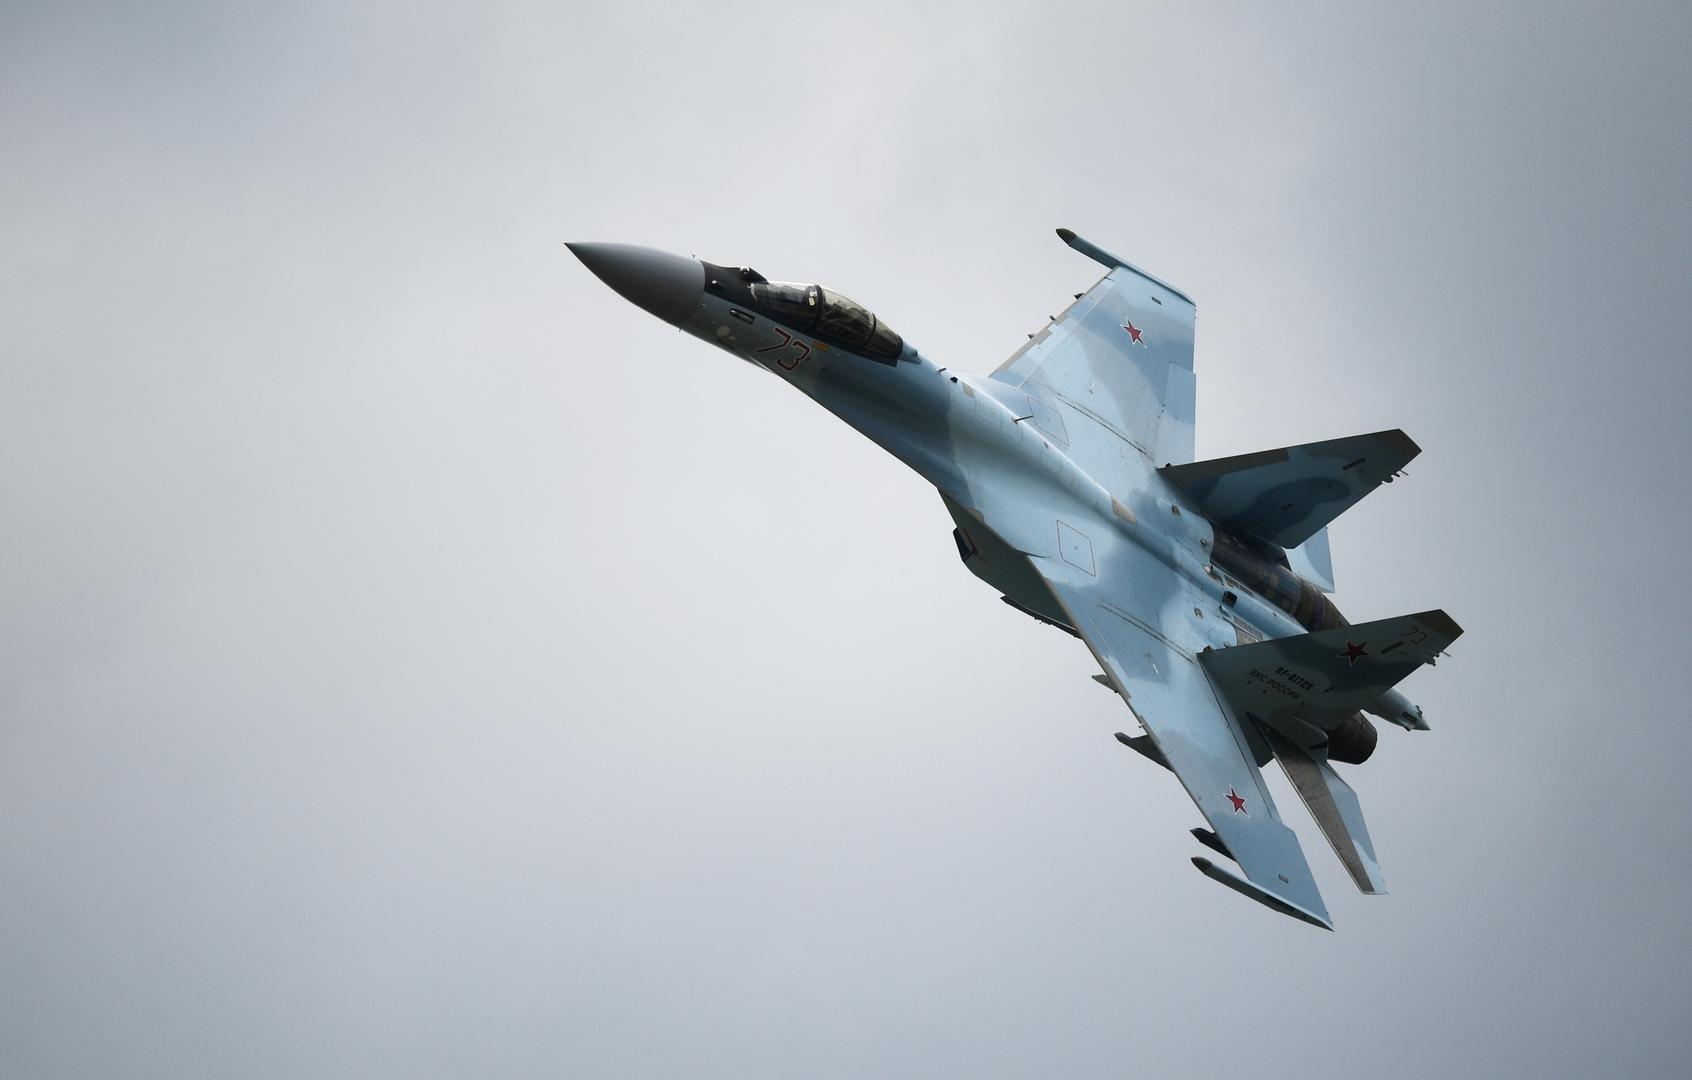 لجنة الدفاع في البرلمان الروسي ترد على تهديدات واشنطن لمصر بخصوص مقاتلات